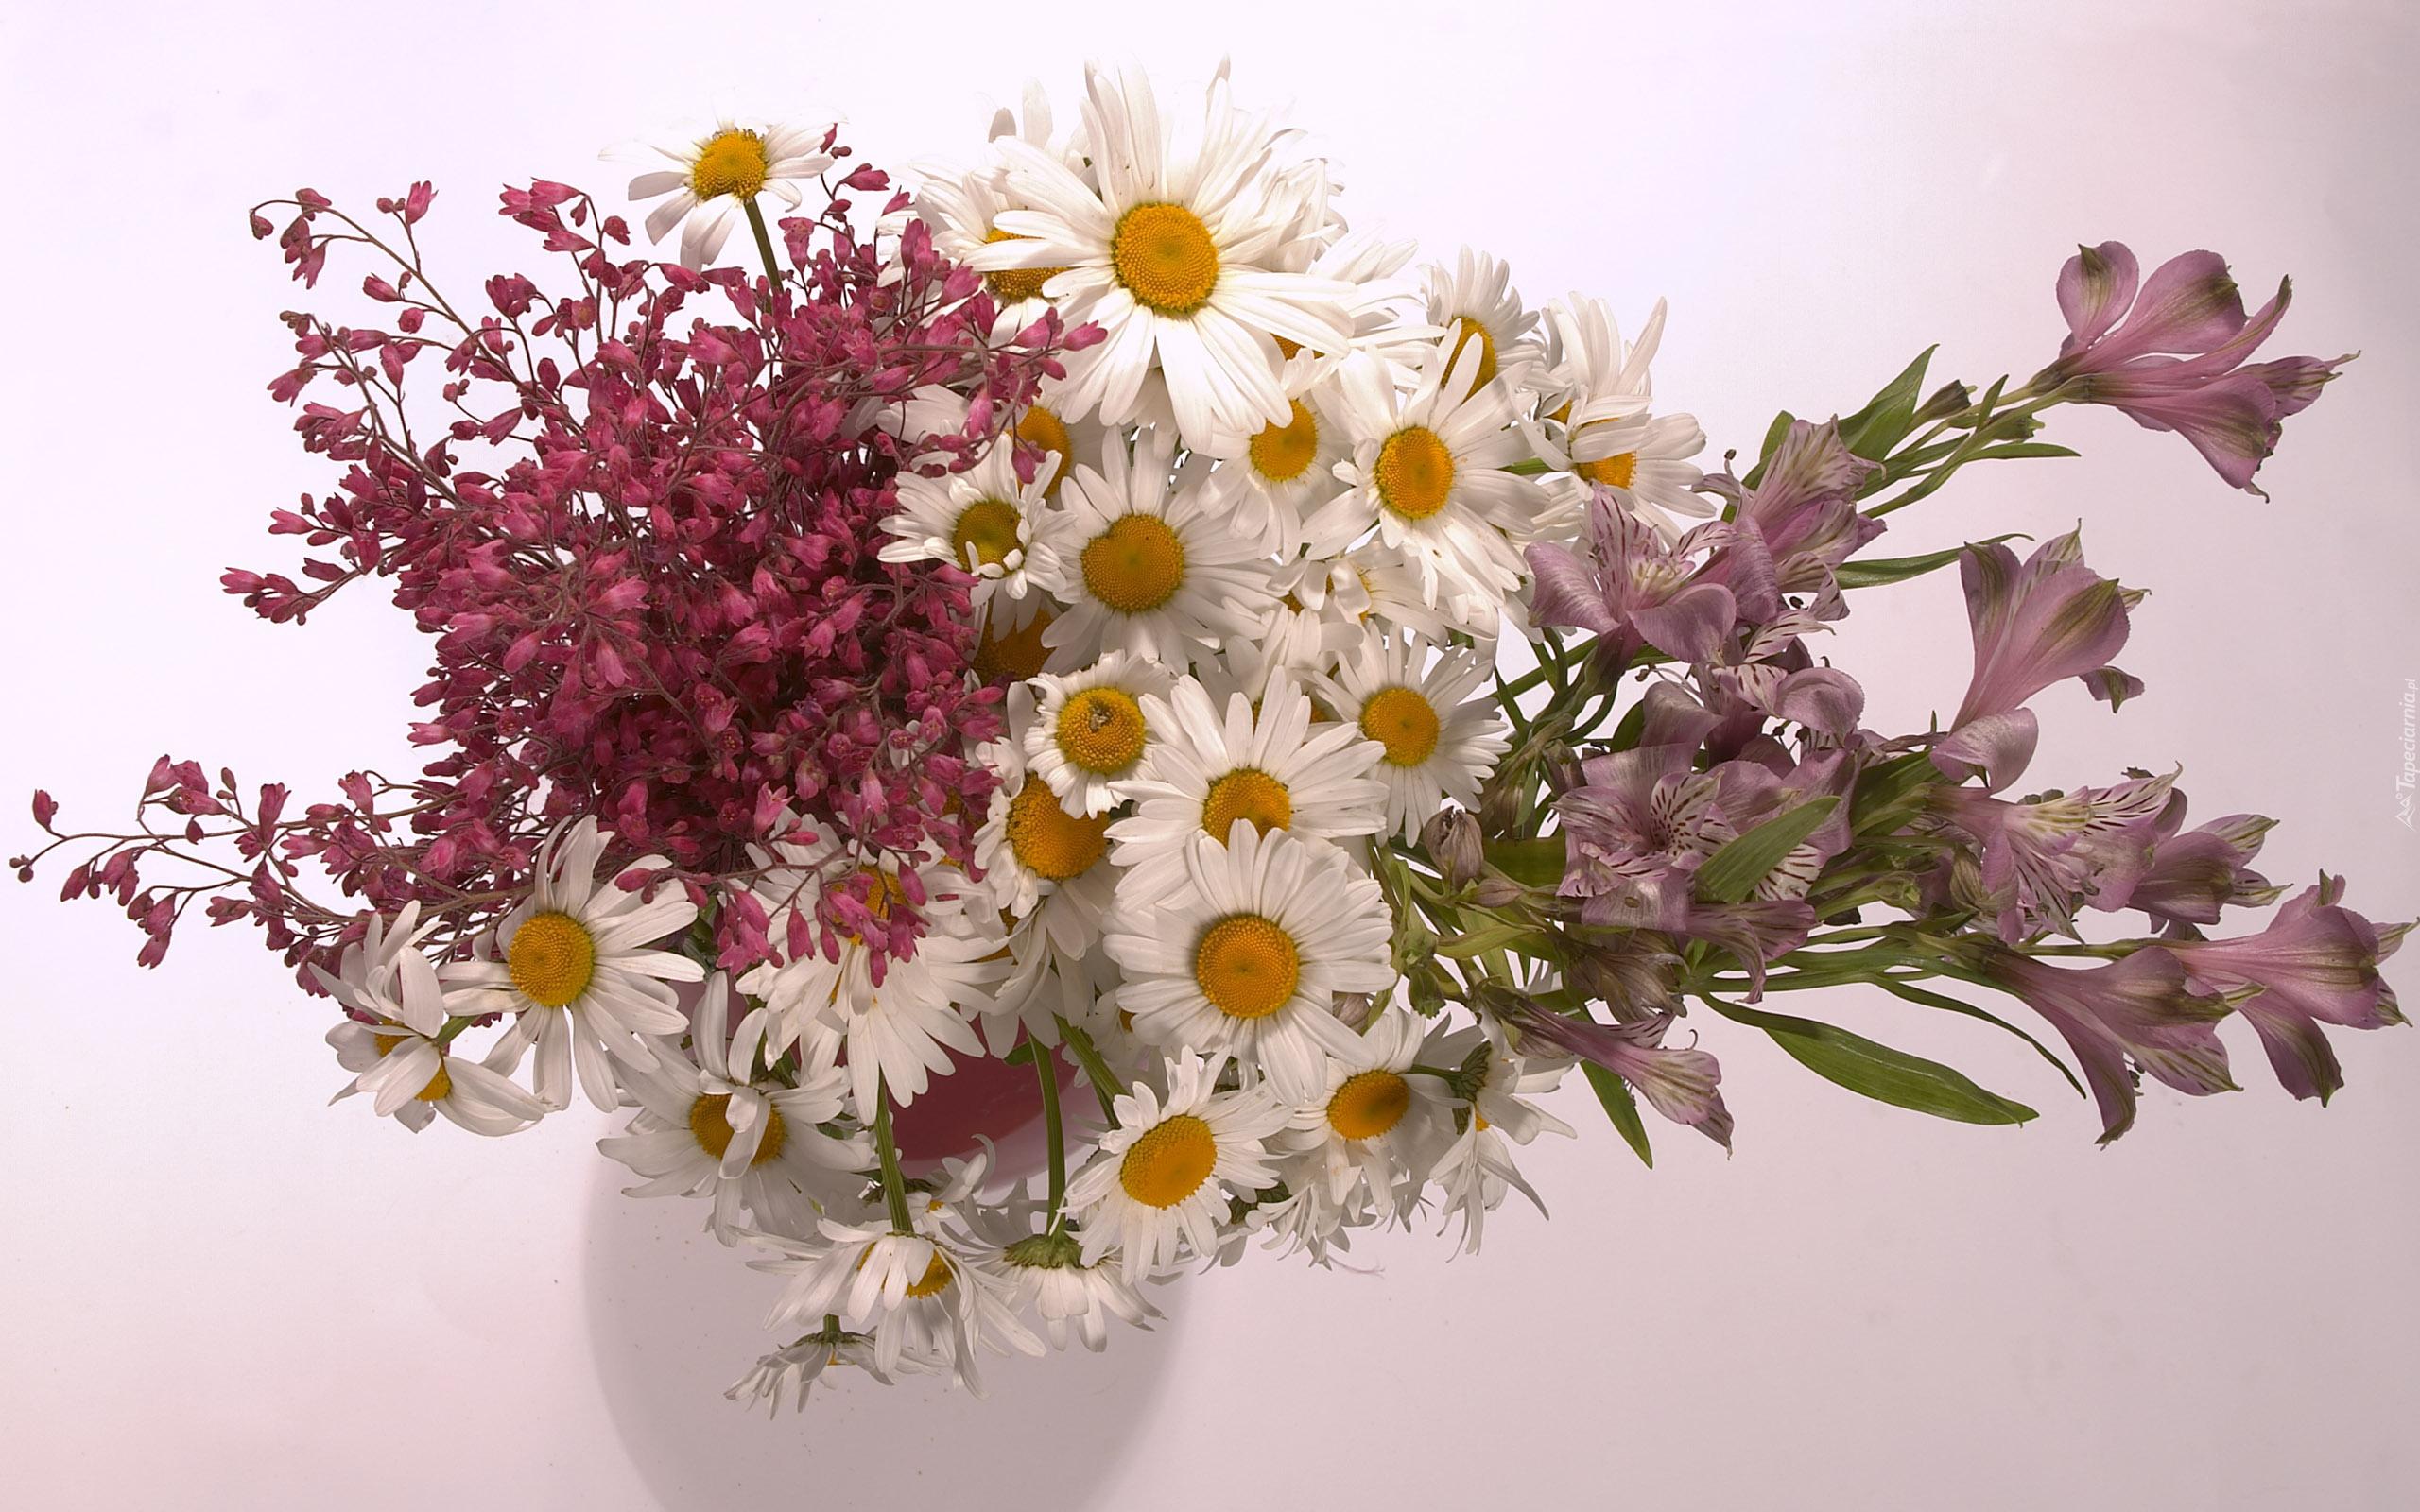 tapeta-bukiet-kwiatow-na-jasnym-tle.jpg